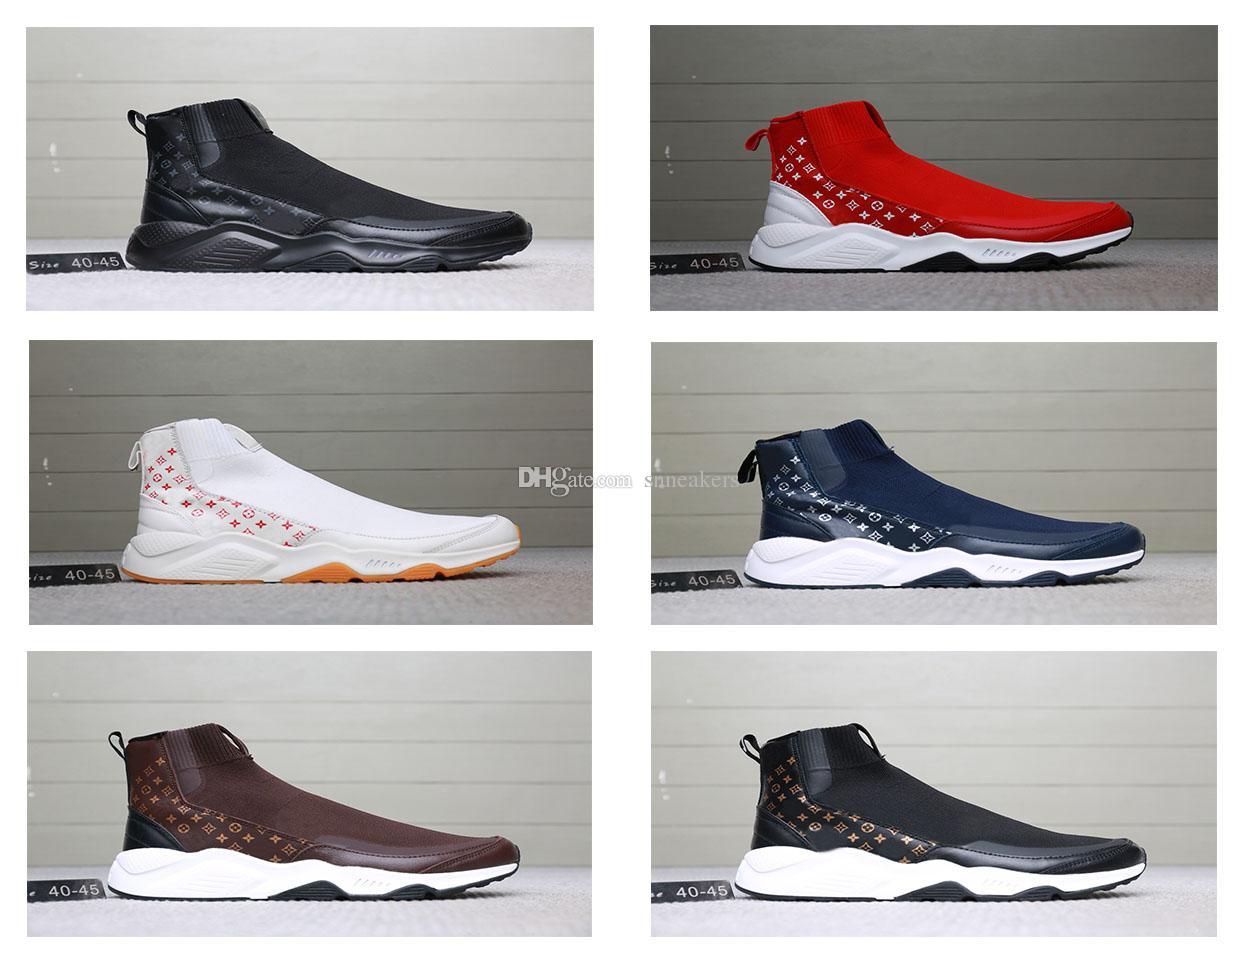 a45e1a7f1f Acquista Louis Vuitton Nike Socks Boots Scarpe Firmate Shoes Nuove Scarpe  Da Uomo Originali Scarpe Casual Leggero Scarpe Da Ginnastica Outdoor  Designer ...